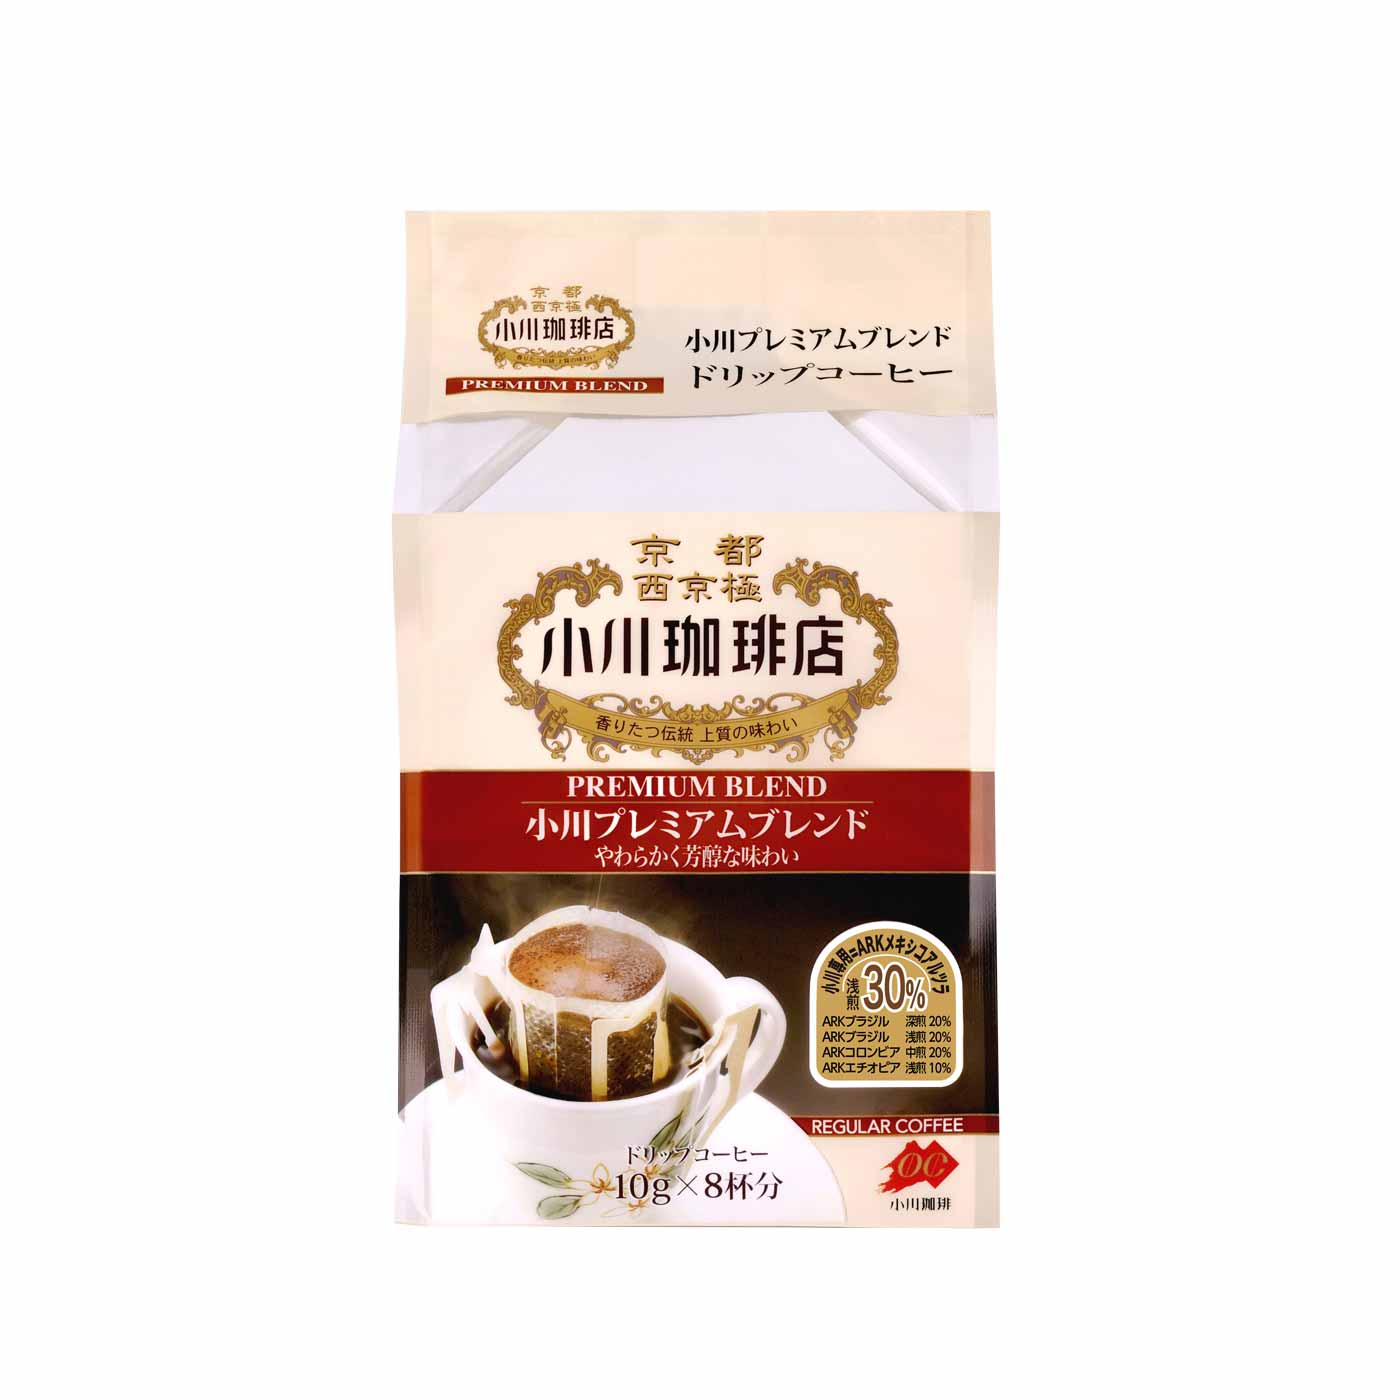 小川プレミアムブレンドドリップコーヒー<:V01229999028:>